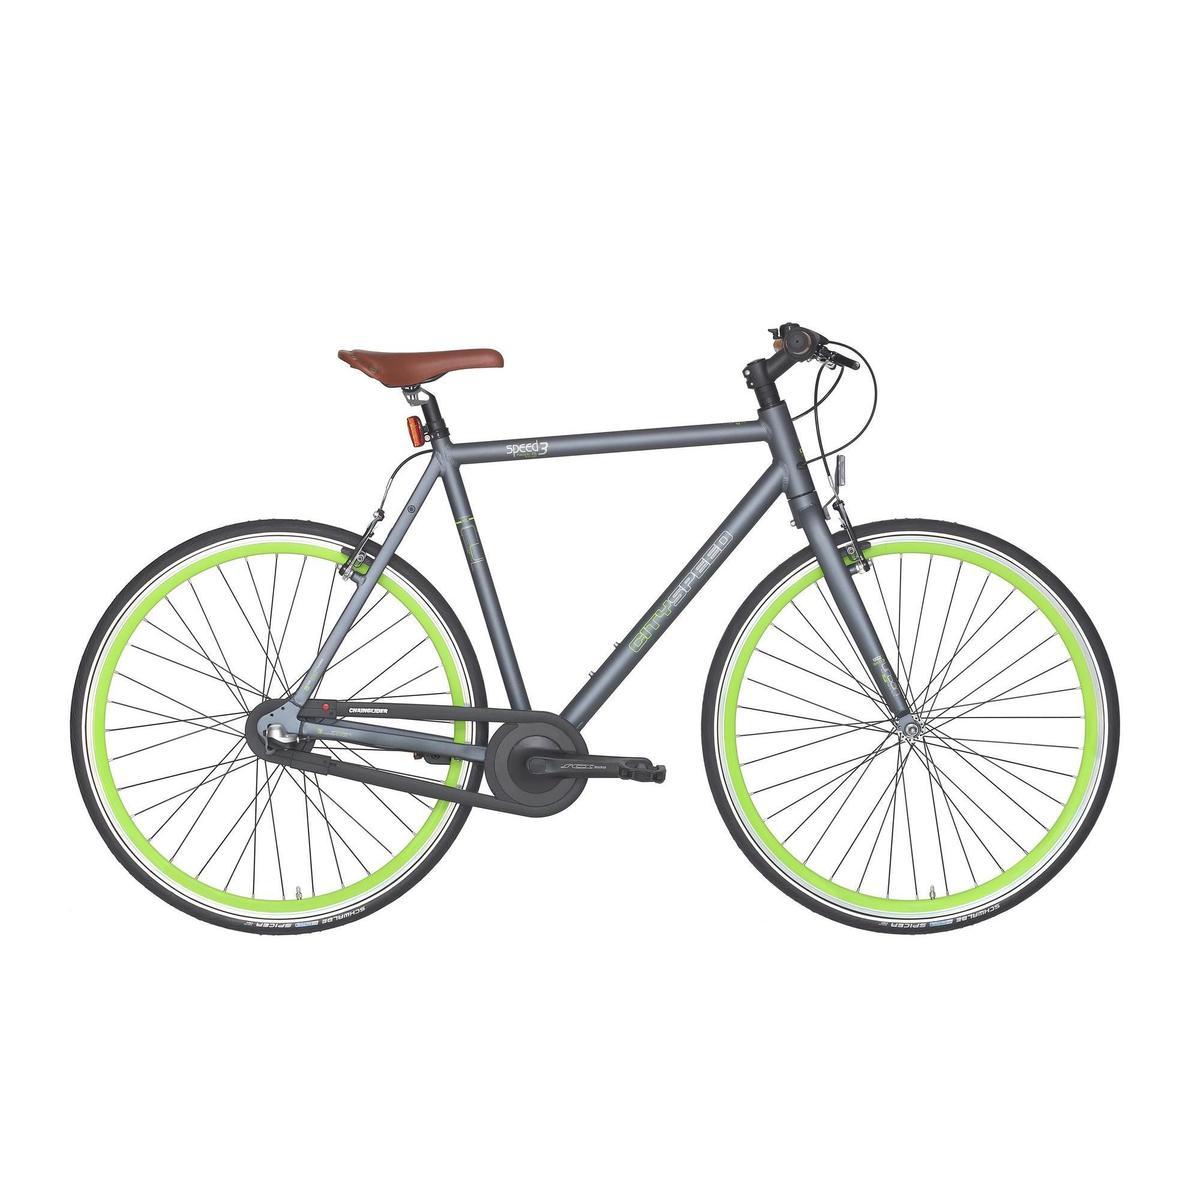 Bild 1 von City-Bike 28 City Speed 500 Nexus 3 mattgrau/neongrün